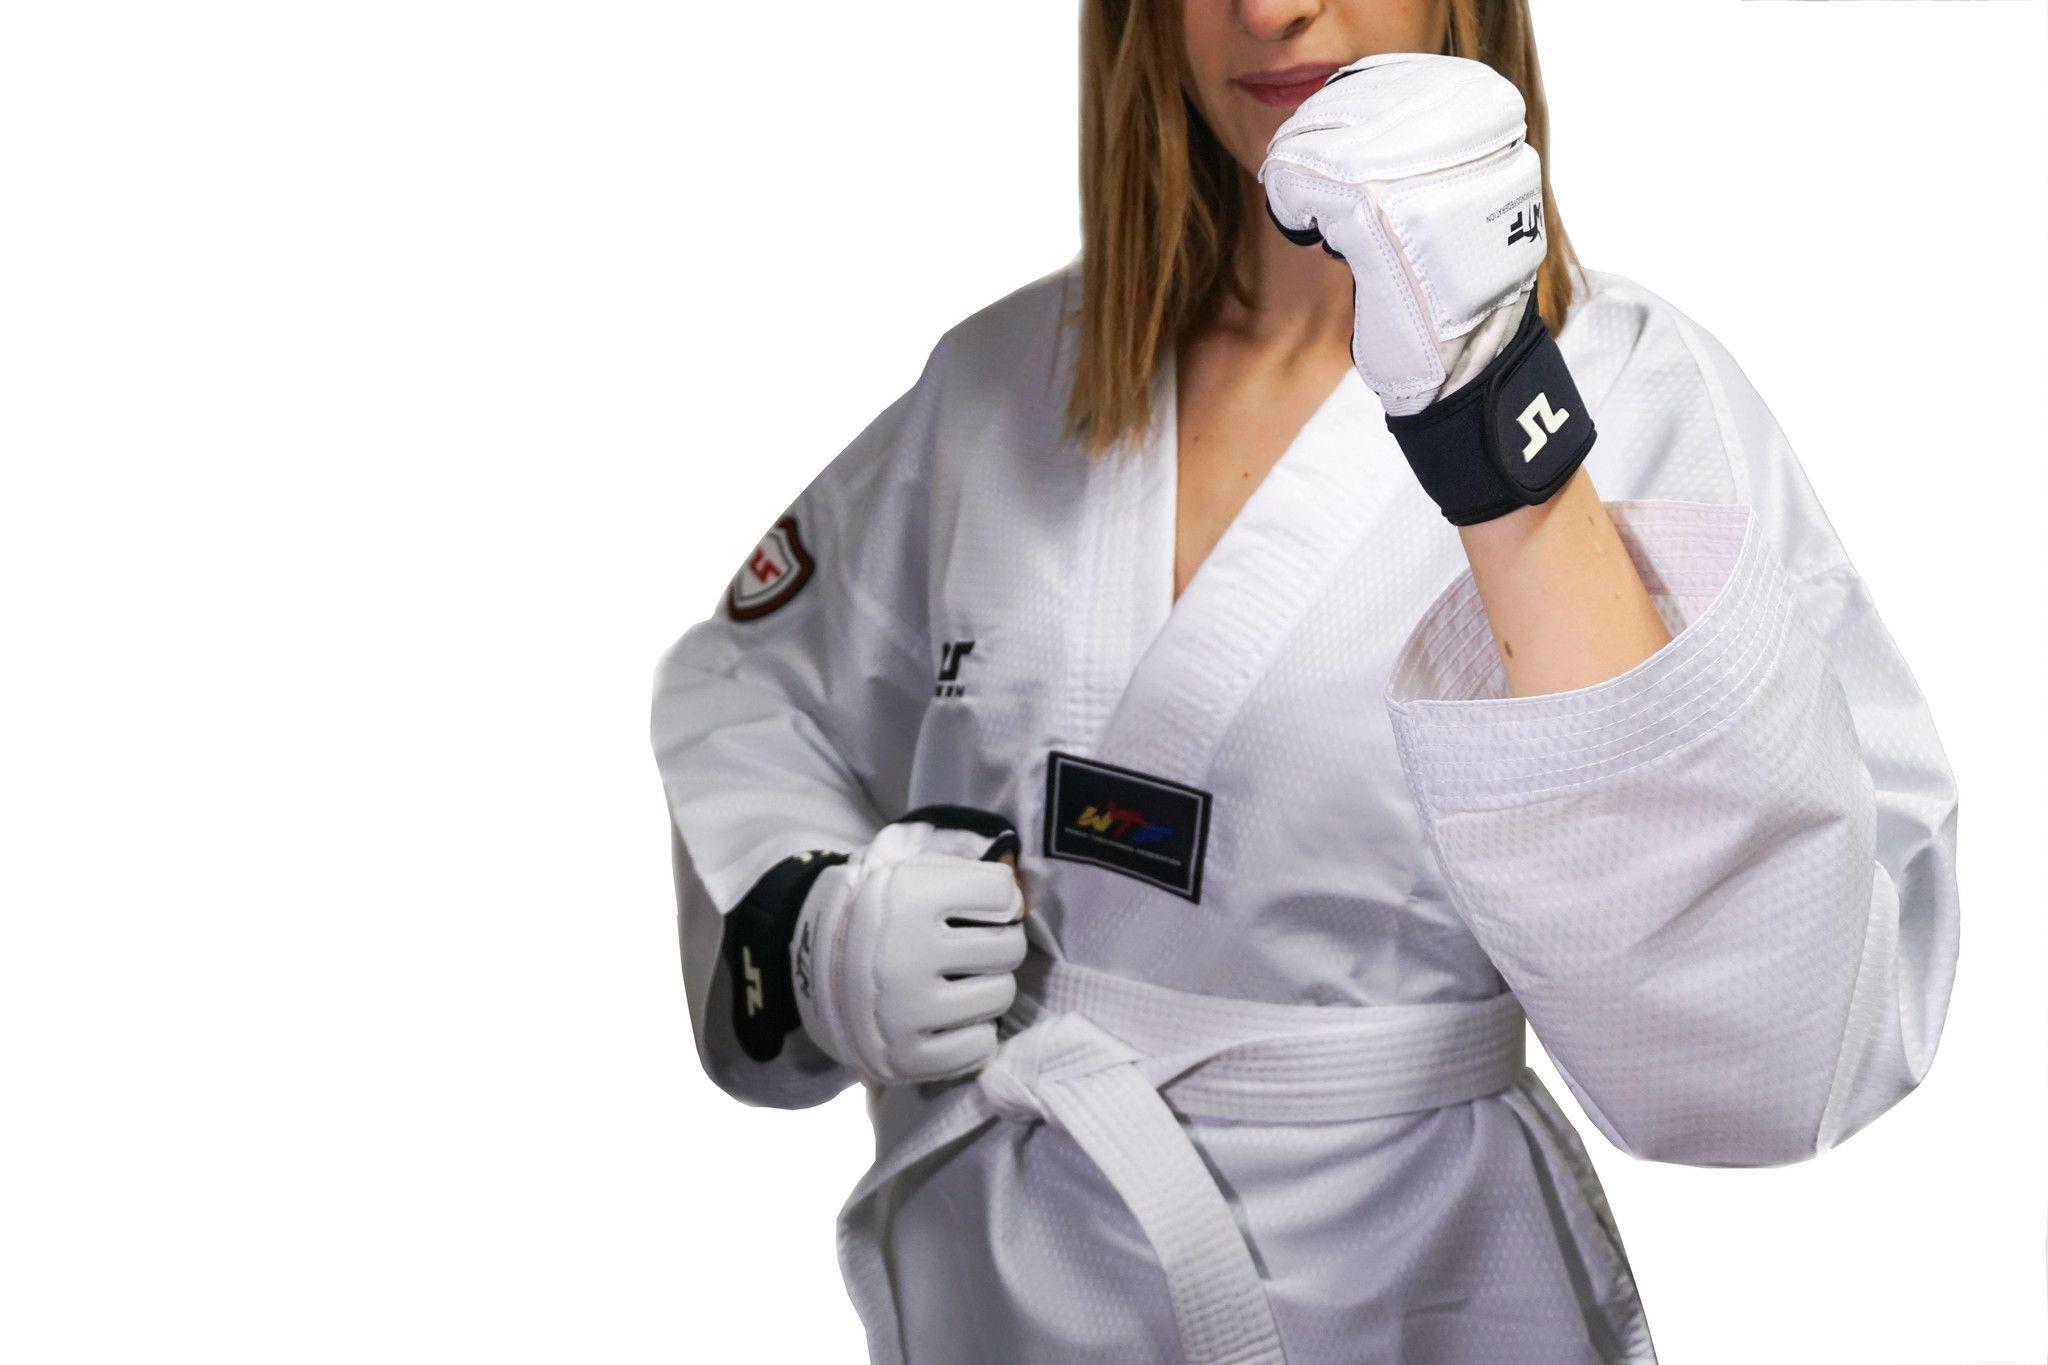 WT Taekwondo Doboks & Belts - Tusah Europe